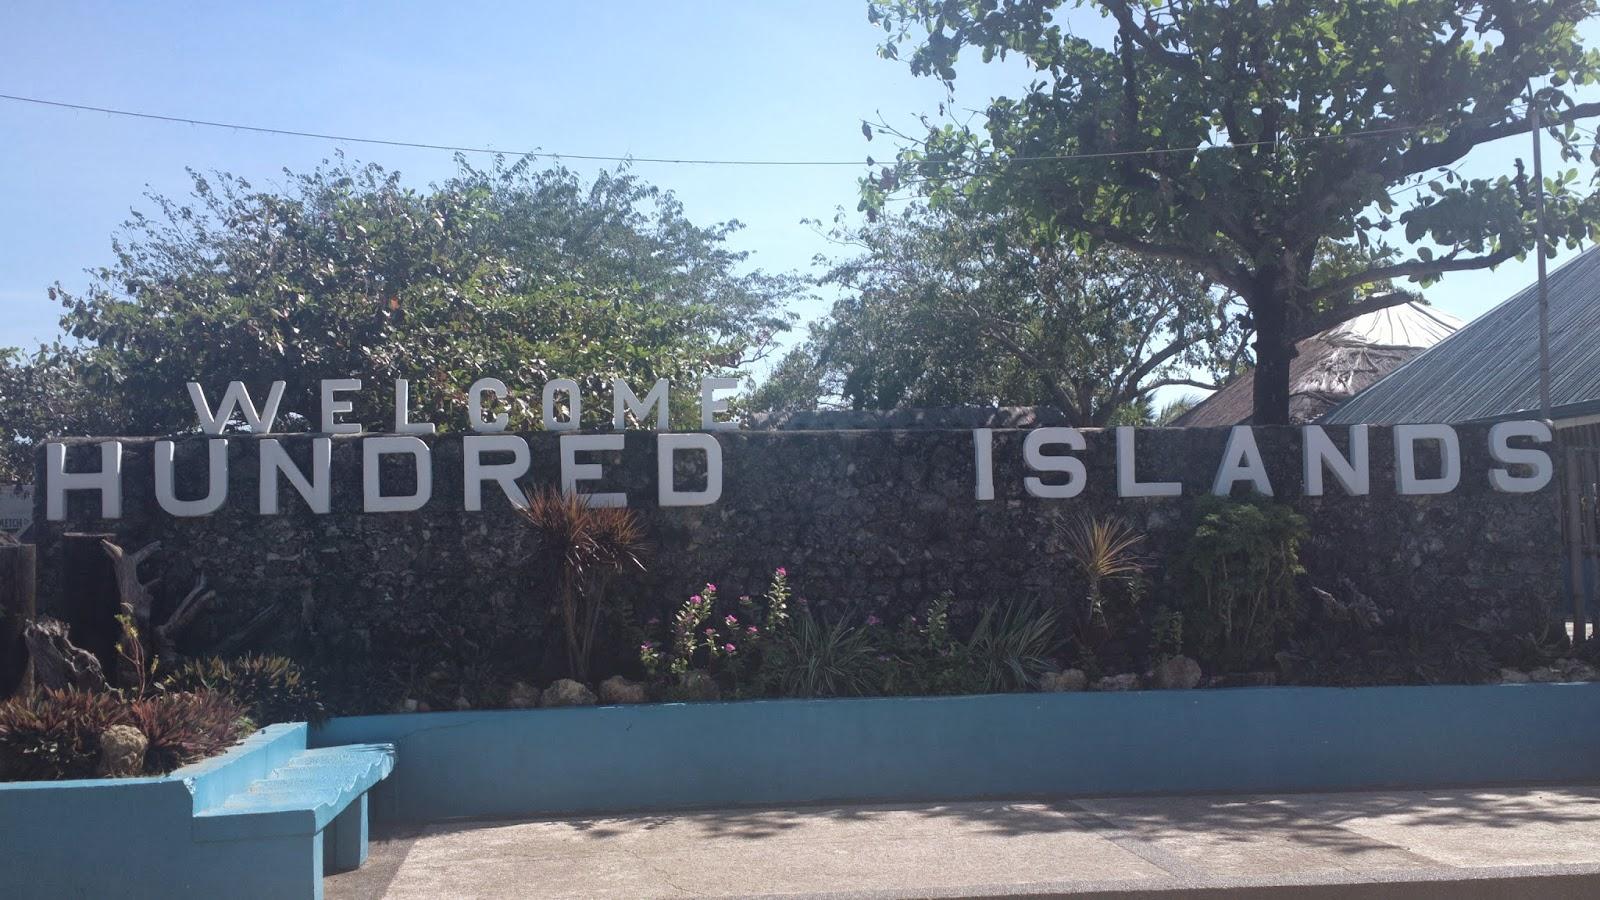 Hundreds Islands